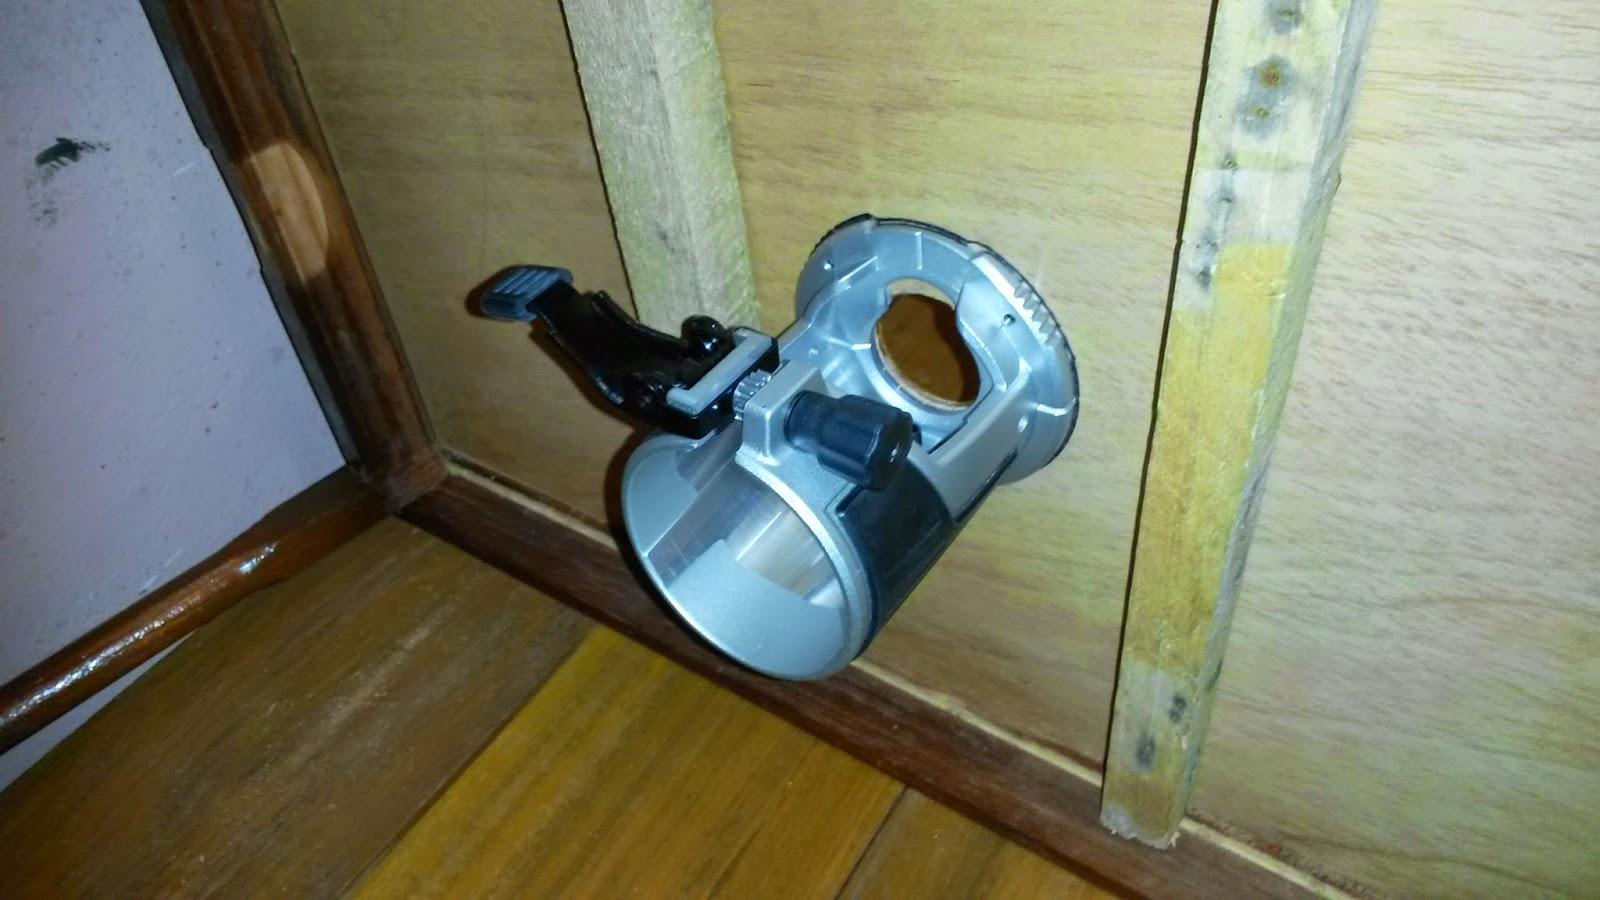 Oficina do Quintal: Como fazer uma bancada para Tupia #604D20 1600x900